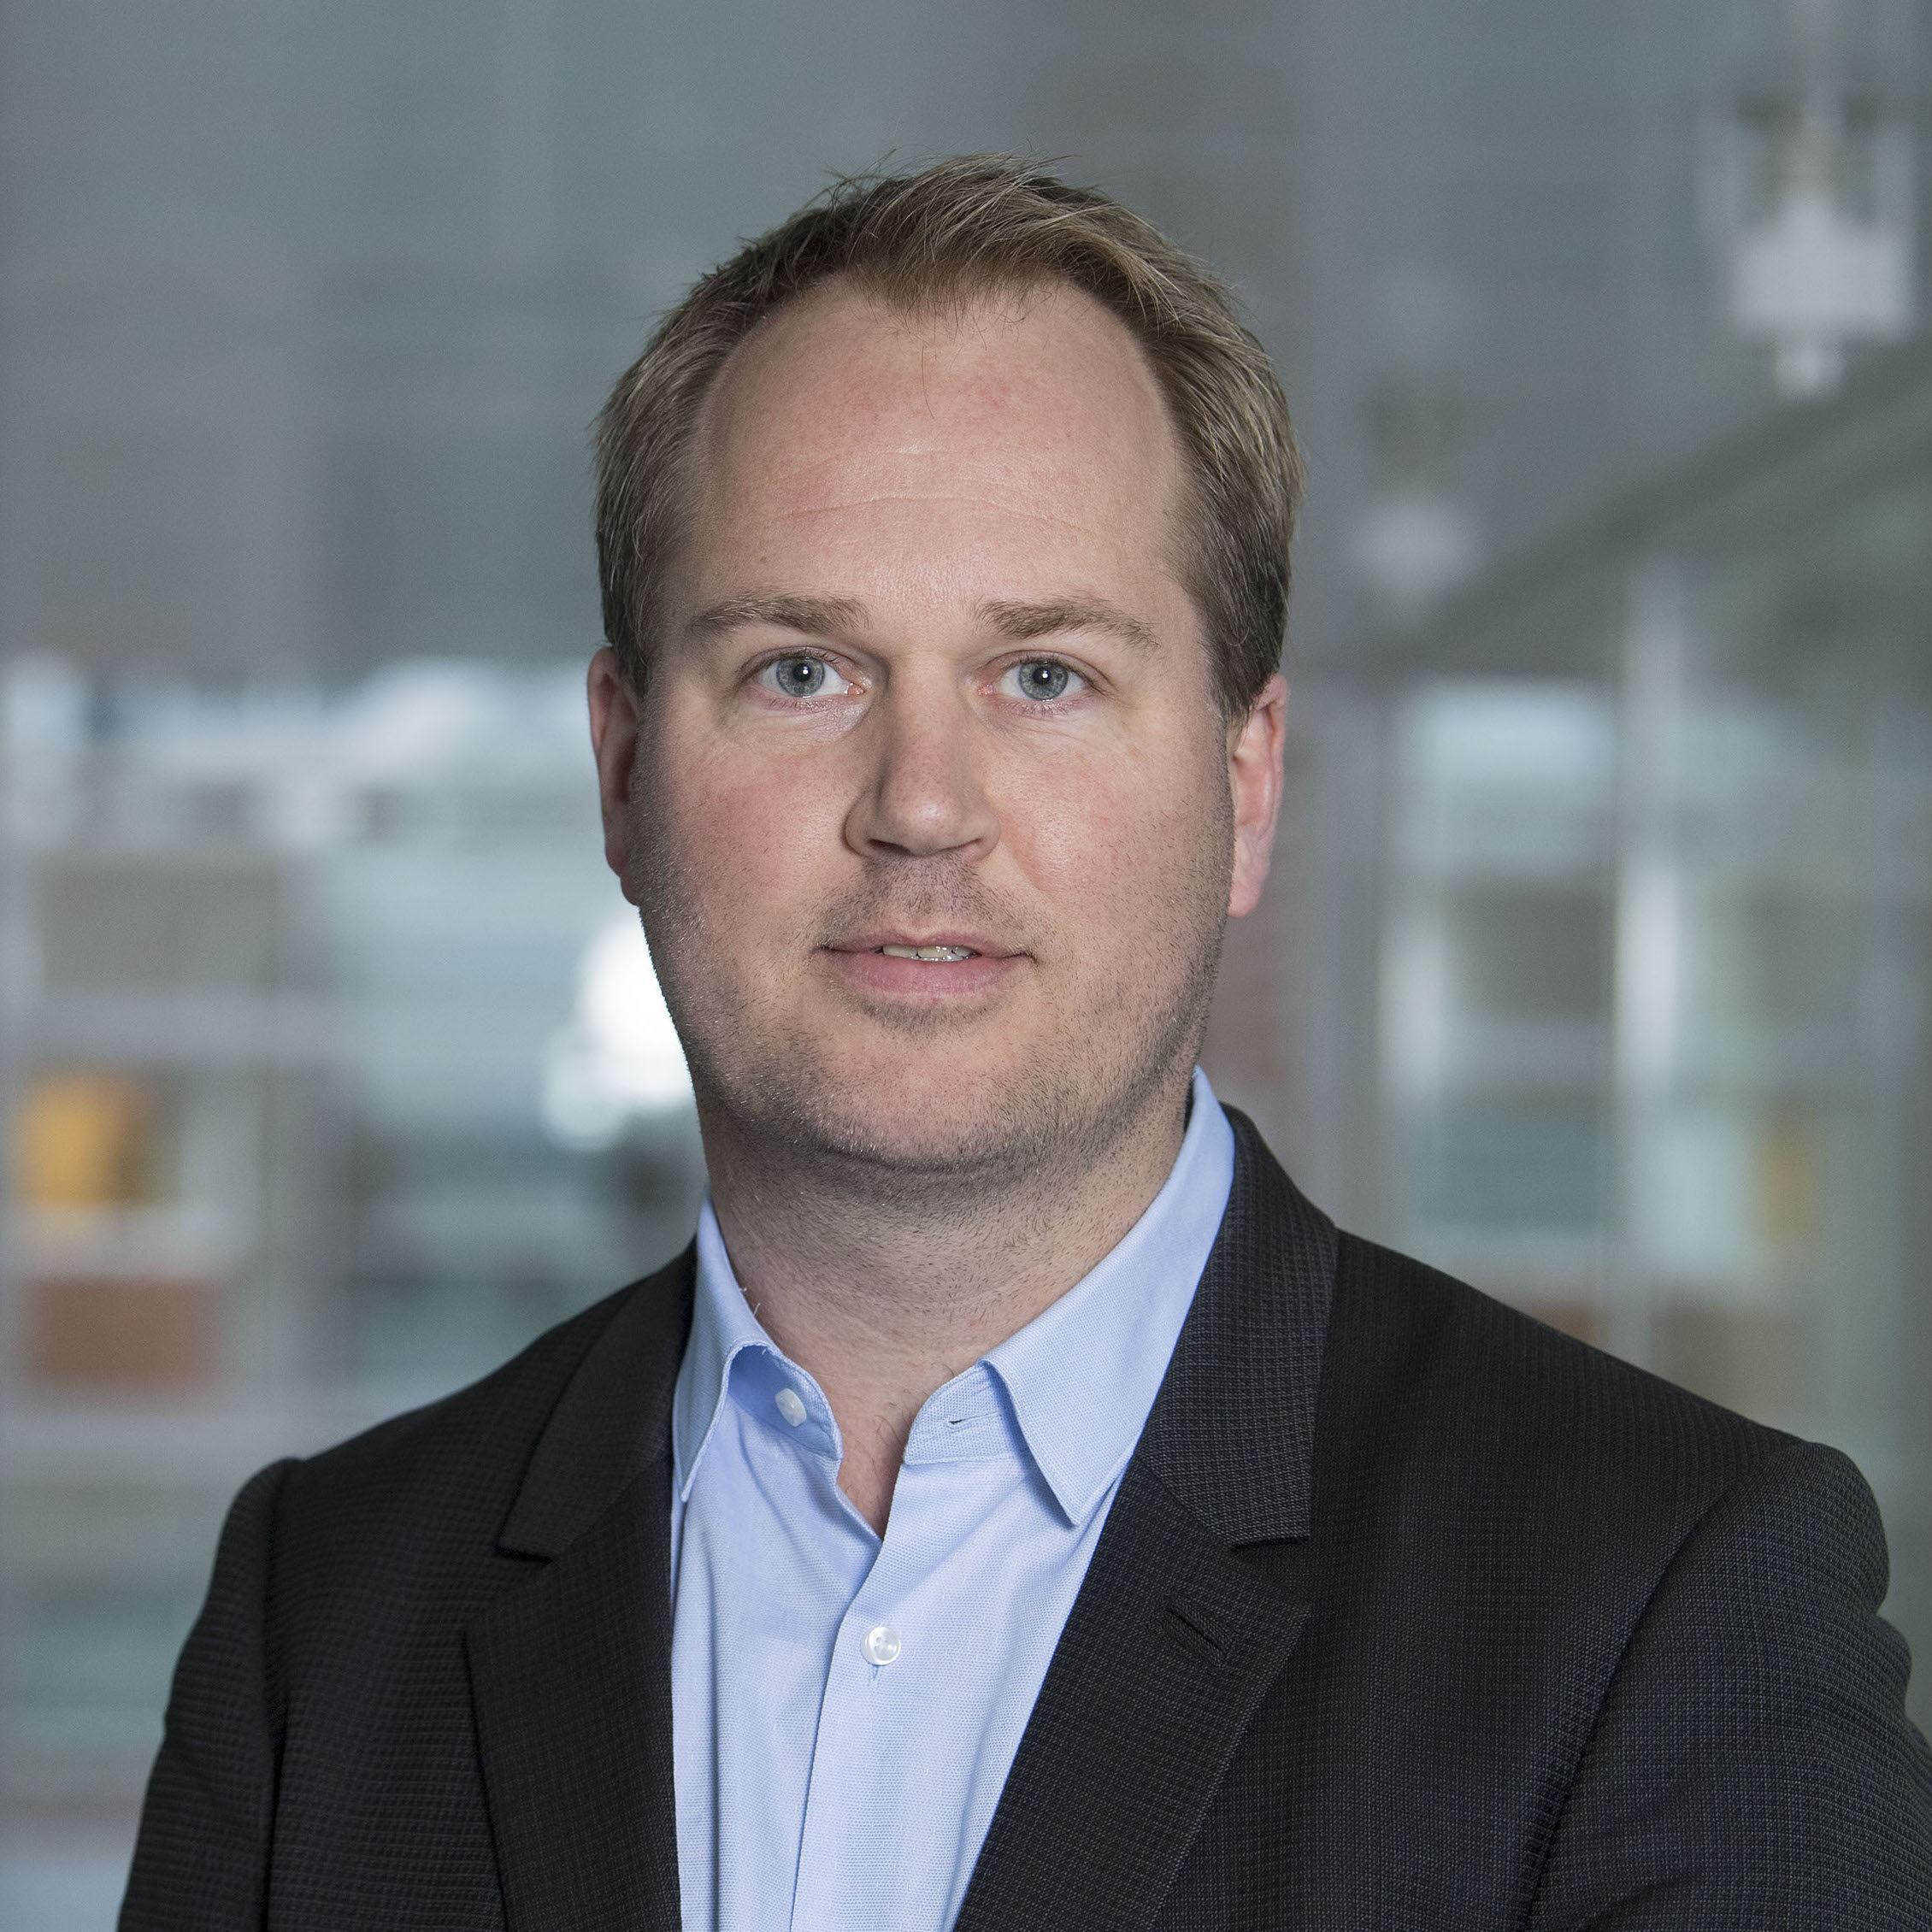 Aalborg Universotet AAU Institut for Elektroniske Systemer S¯ren Tranberg Hansen   Dato: 15.01.18 Foto:  Lars Horn / Baghuset